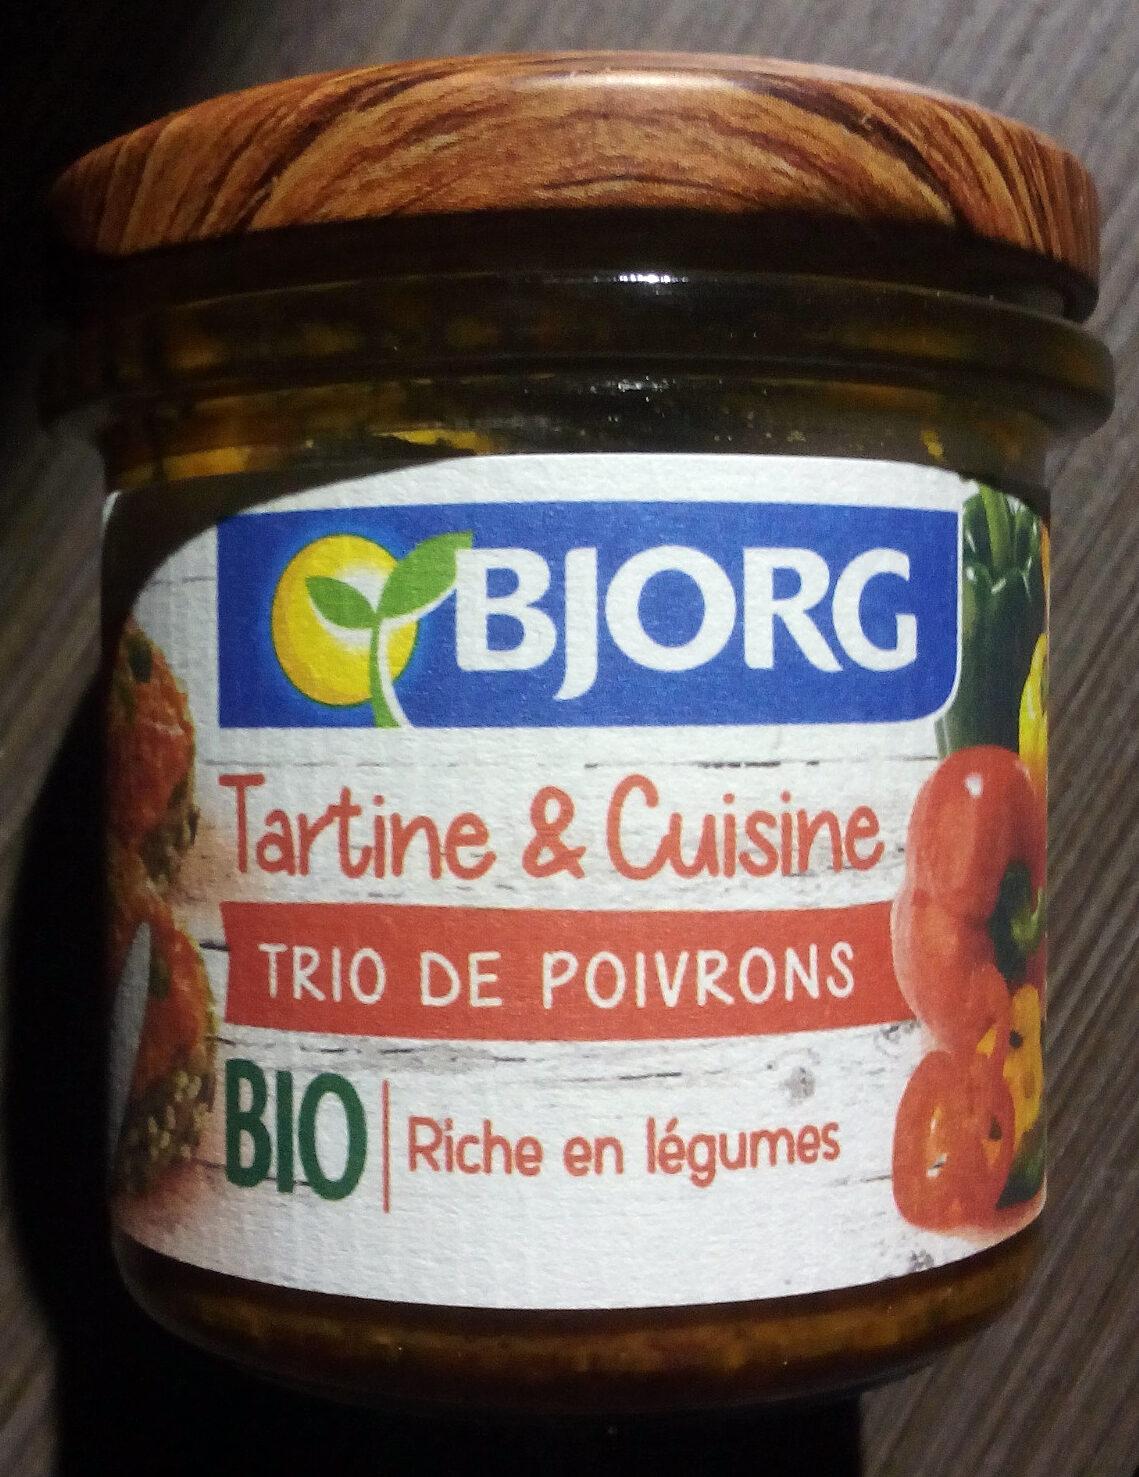 Tartine & Cuisine Trio de poivrons - Produit - fr